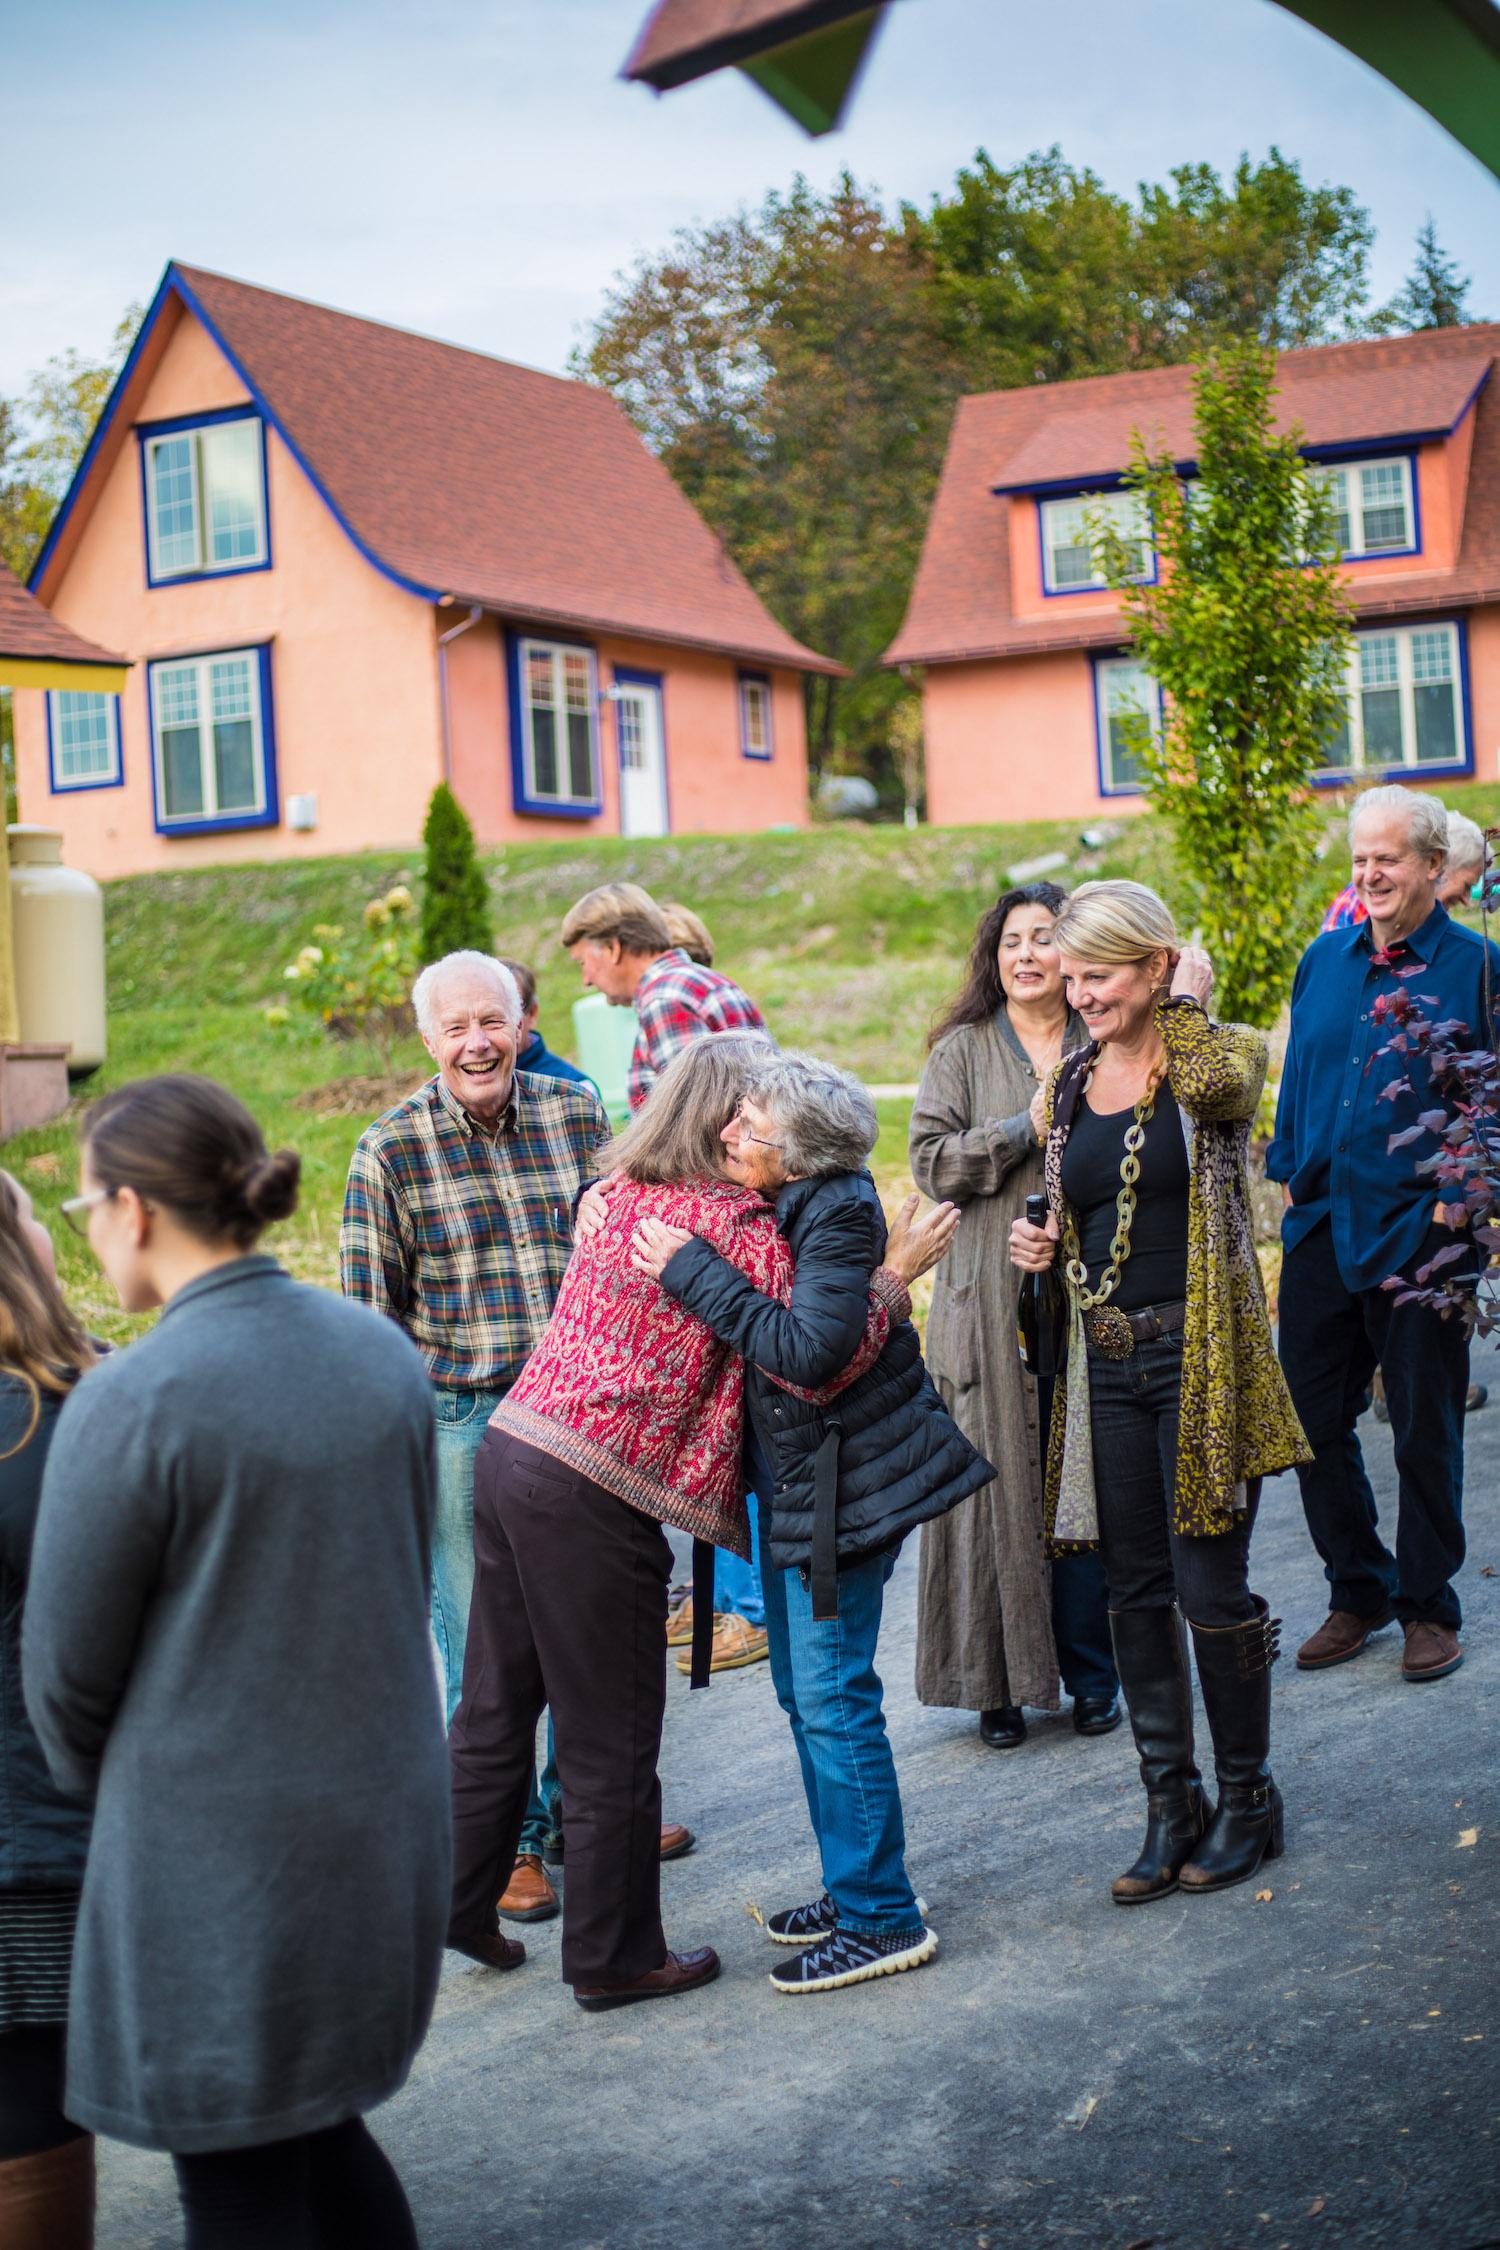 bourgade-seneca-community-tiny-houses-1.jpg